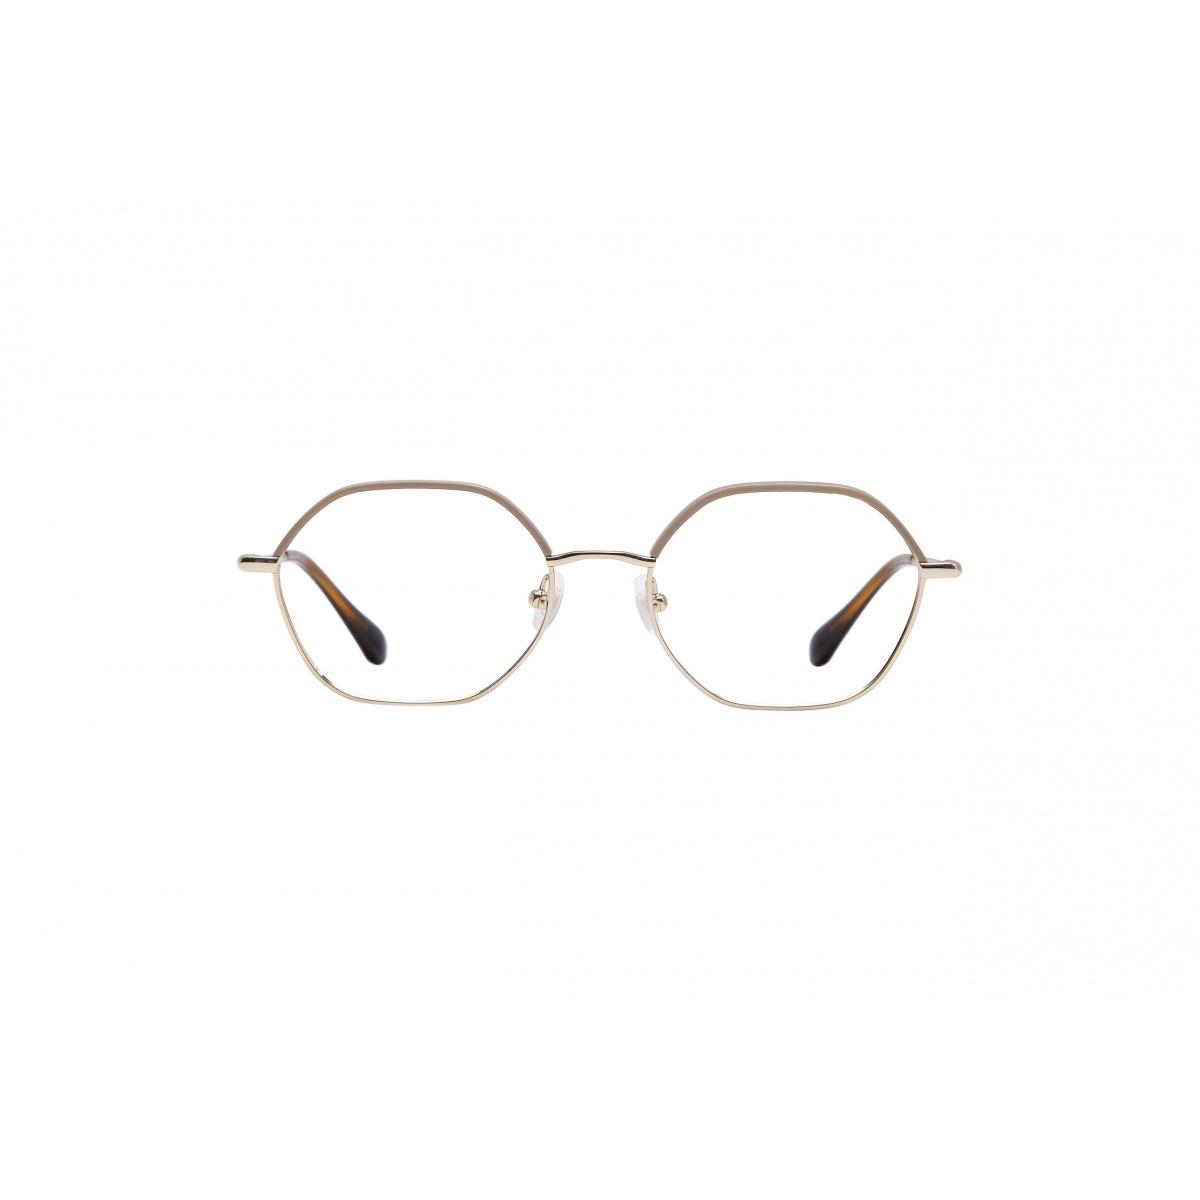 Γυαλιά οράσεως gigistudios_optical_Icons_almond_6573-9.